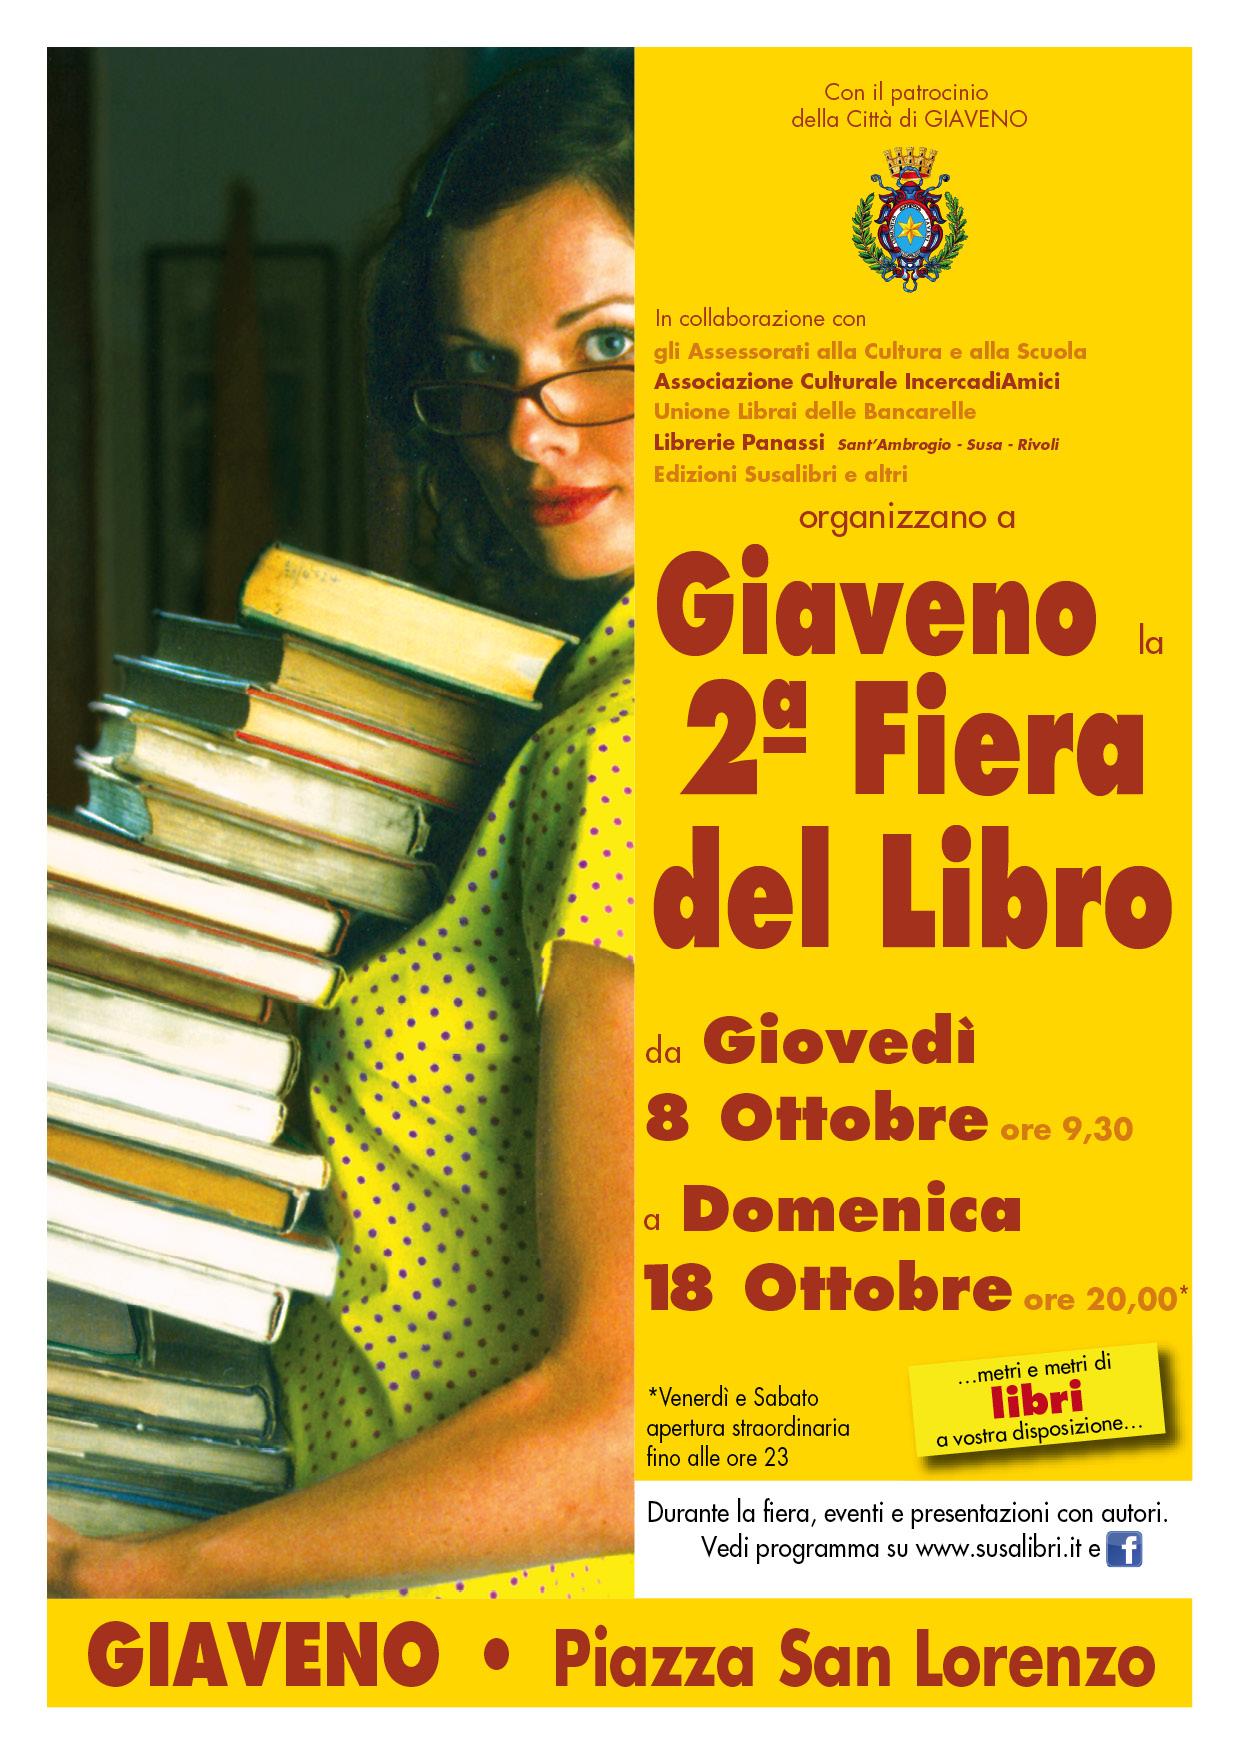 Seconda Fiera del Libro a Giaveno dall' 8 al 18 ottobre 2015